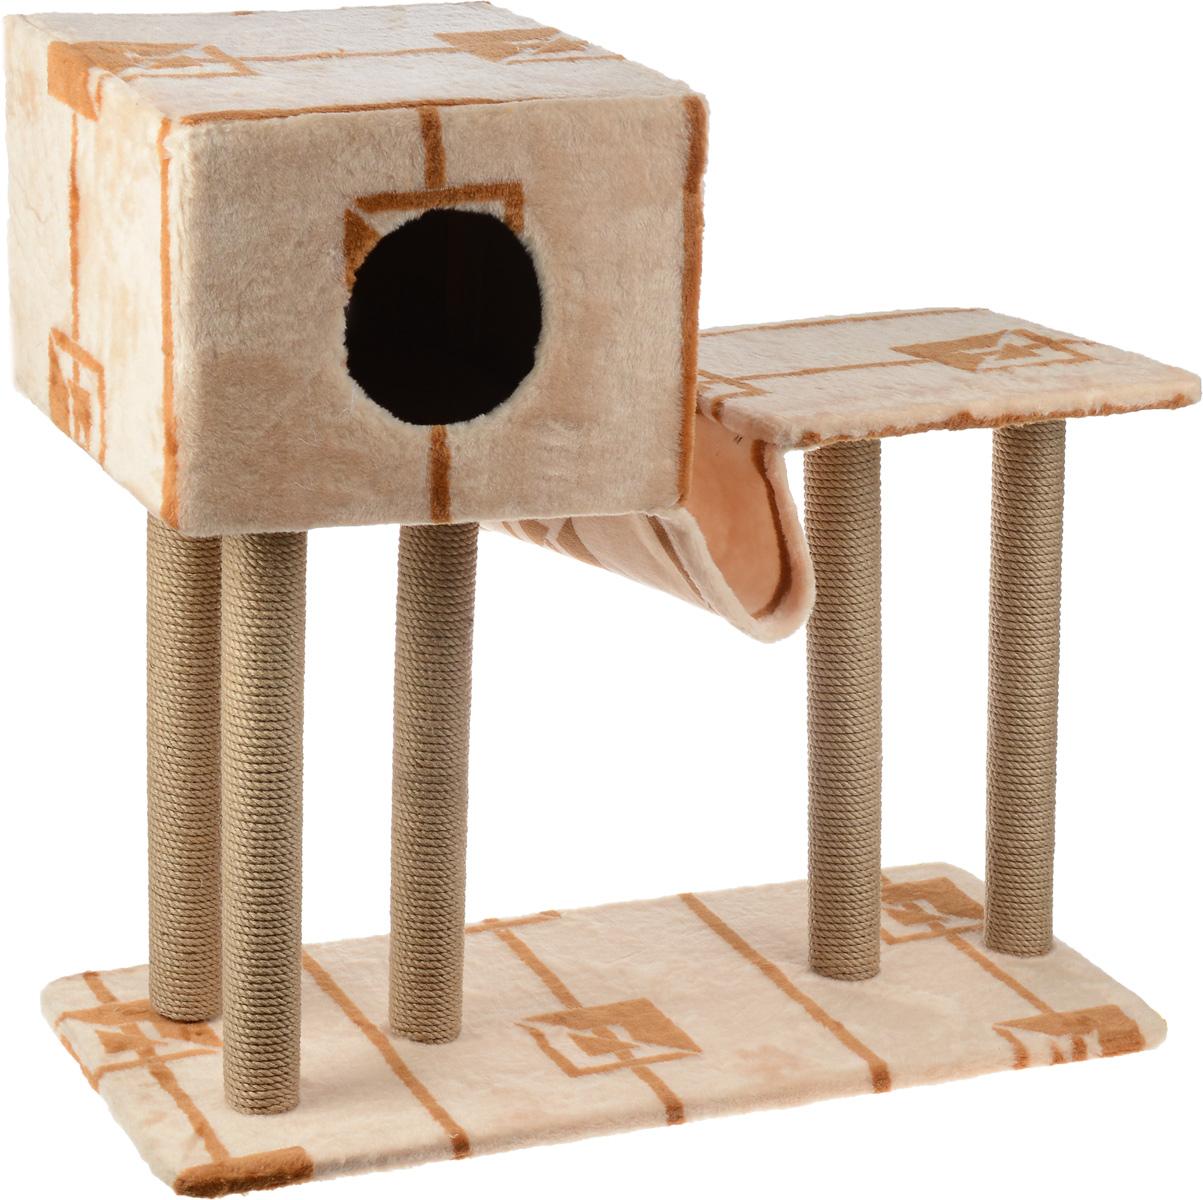 Игровой комплекс для кошек Меридиан, с домиком и гамаком, цвет: бежевый, коричневый, 90 х 40 х 80 см0120710Игровой комплекс для кошек Меридиан выполнен из высококачественного ДВП и ДСП и обтянут искусственным мехом. Изделие предназначено для кошек. Ваш домашний питомец будет с удовольствием точить когти о специальные столбики, изготовленные из джута. А отдохнуть он сможет в домике, на полках или в удобном гамаке.Общий размер: 90 х 40 х 80 см.Размер основания: 90 х 40 см.Высота полки: 53 см.Размер домика: 40 х 40 х 28 см.Размер полки: 39 х 39 см.